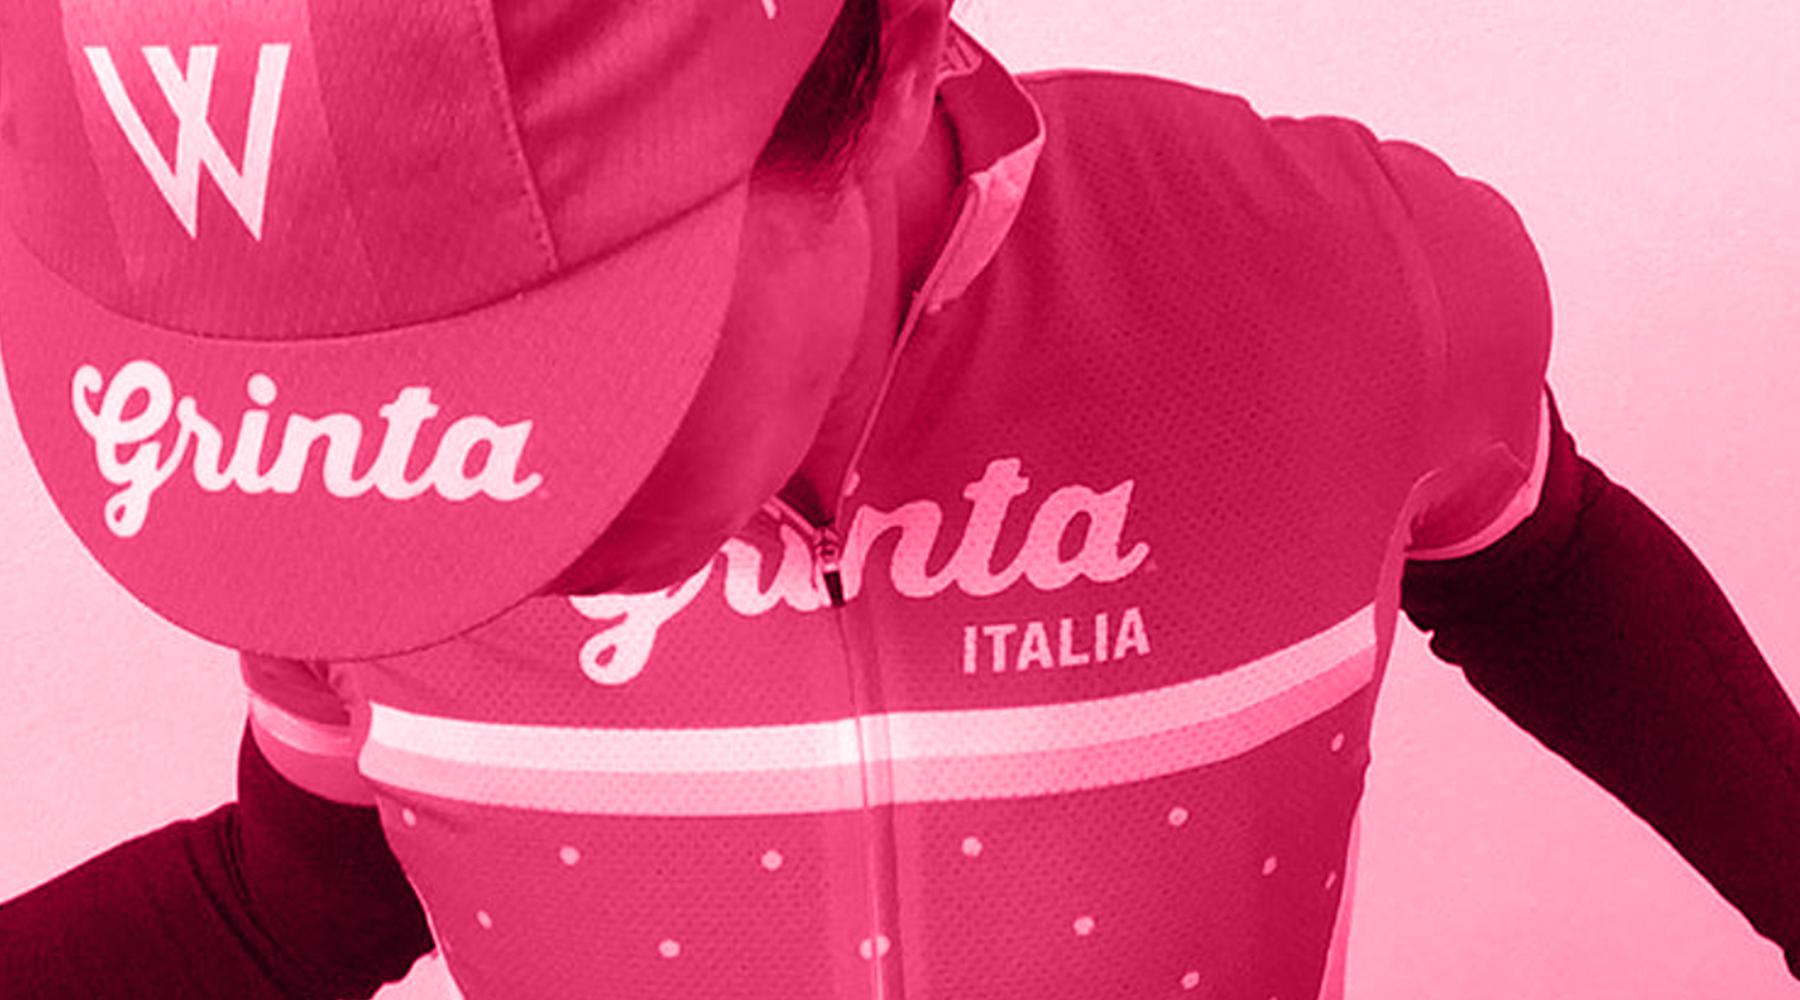 Slide-Action-Italia-Giro-Pink-Color.jpg